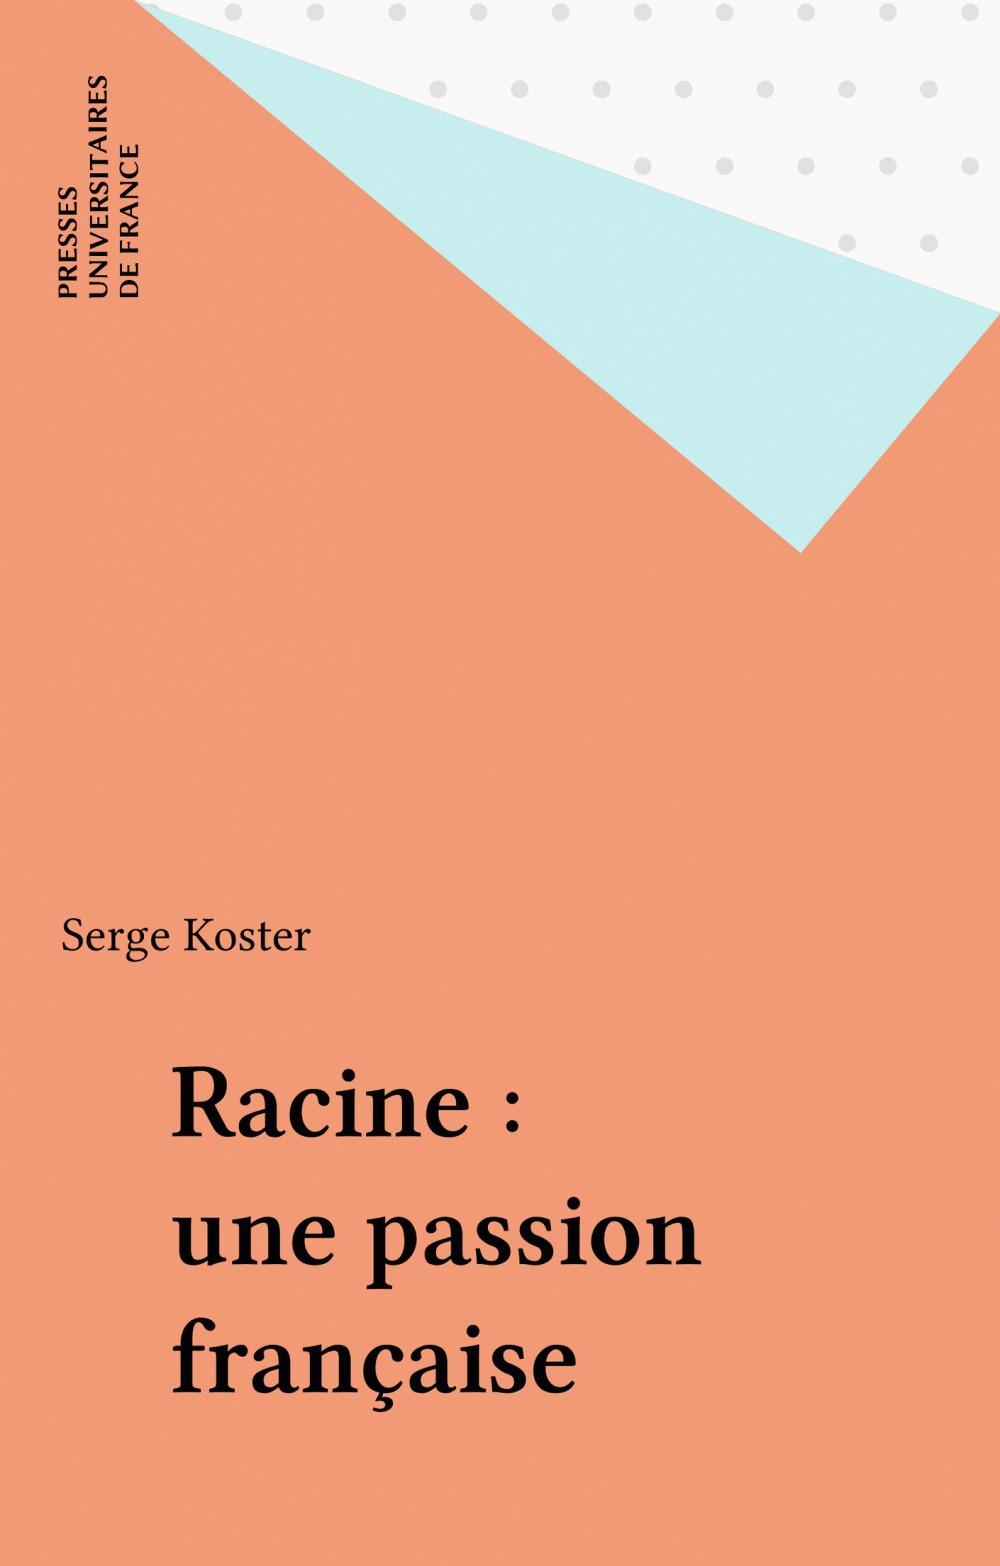 Racine, une passion francaise